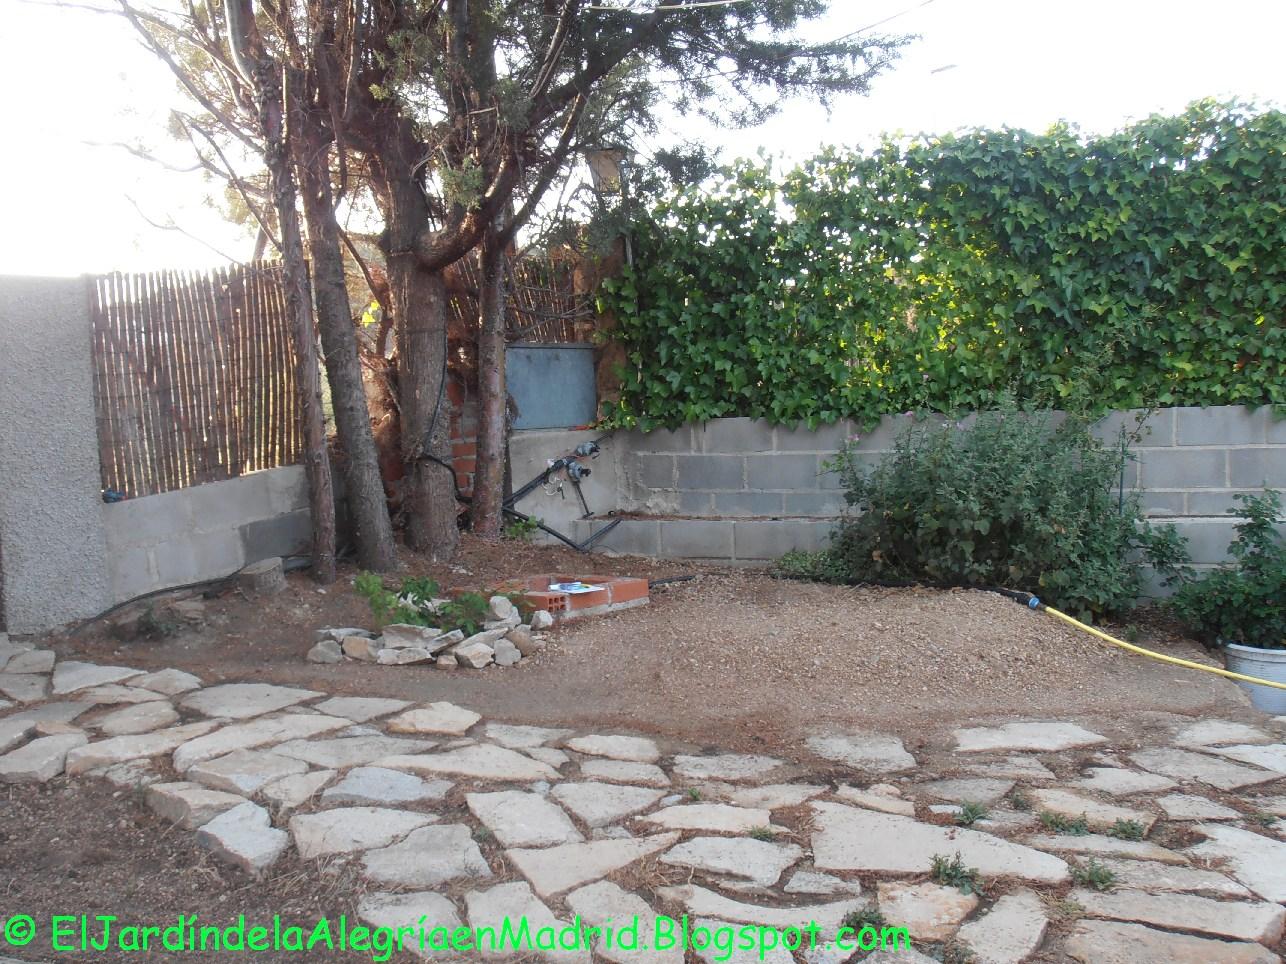 El jard n de la alegr a dise o y realizaci n de muros de - Arriate jardin ...